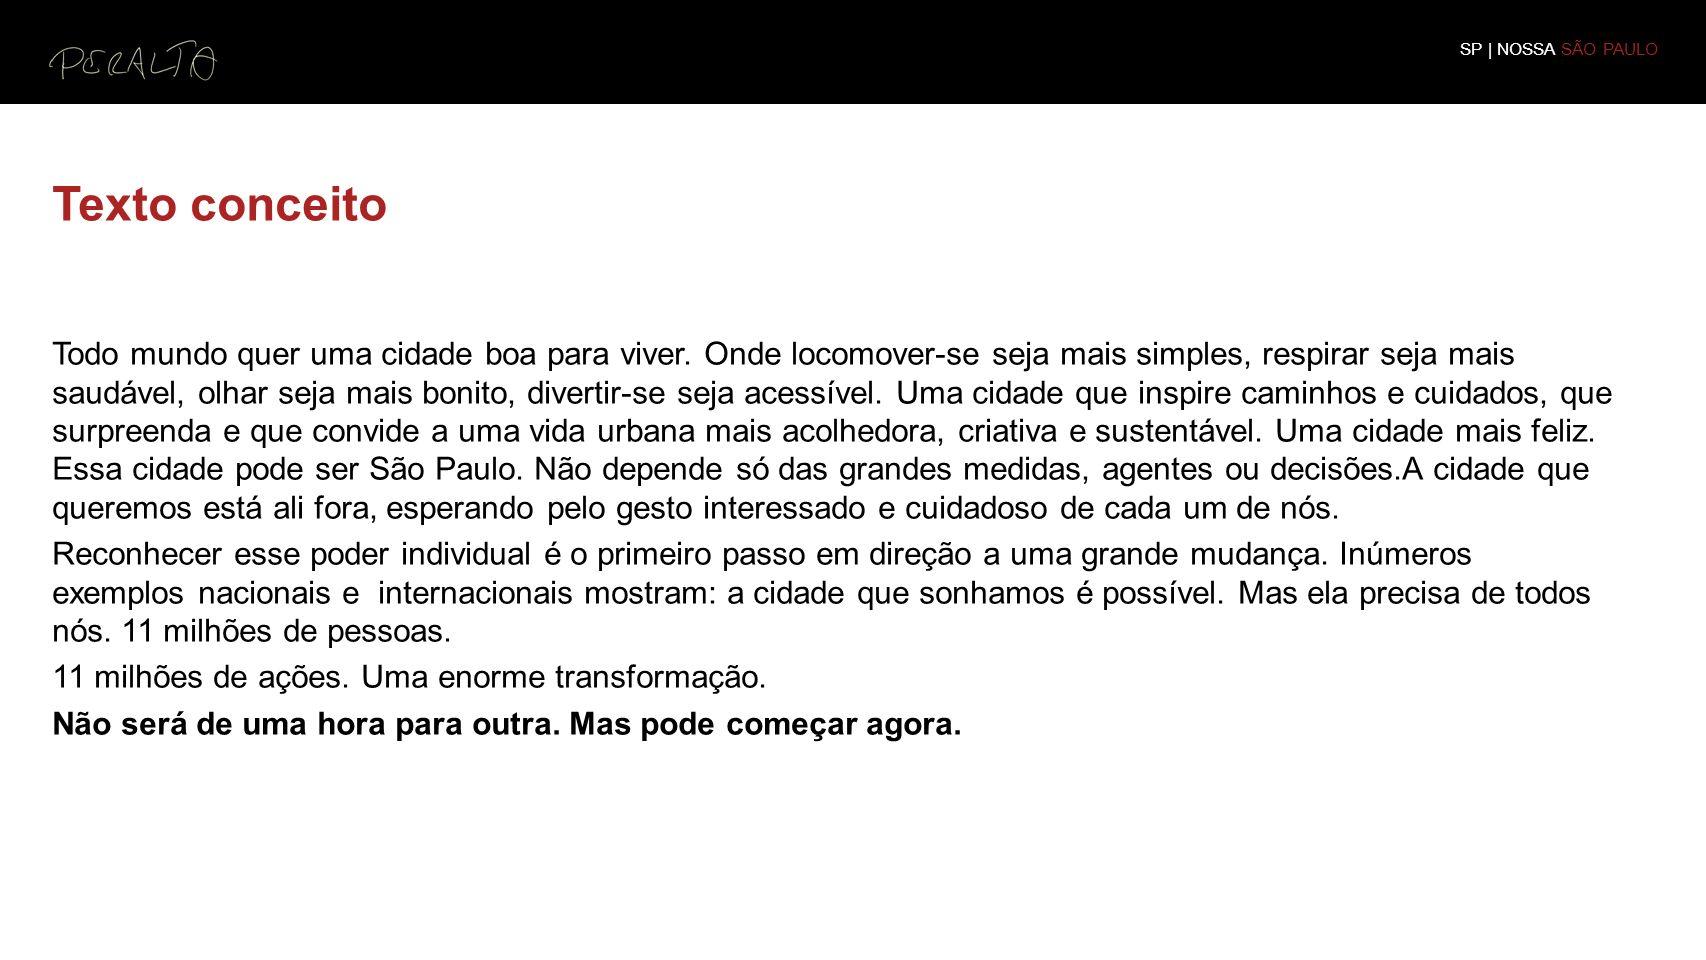 SP | NOSSA SÃO PAULO Texto conceito.